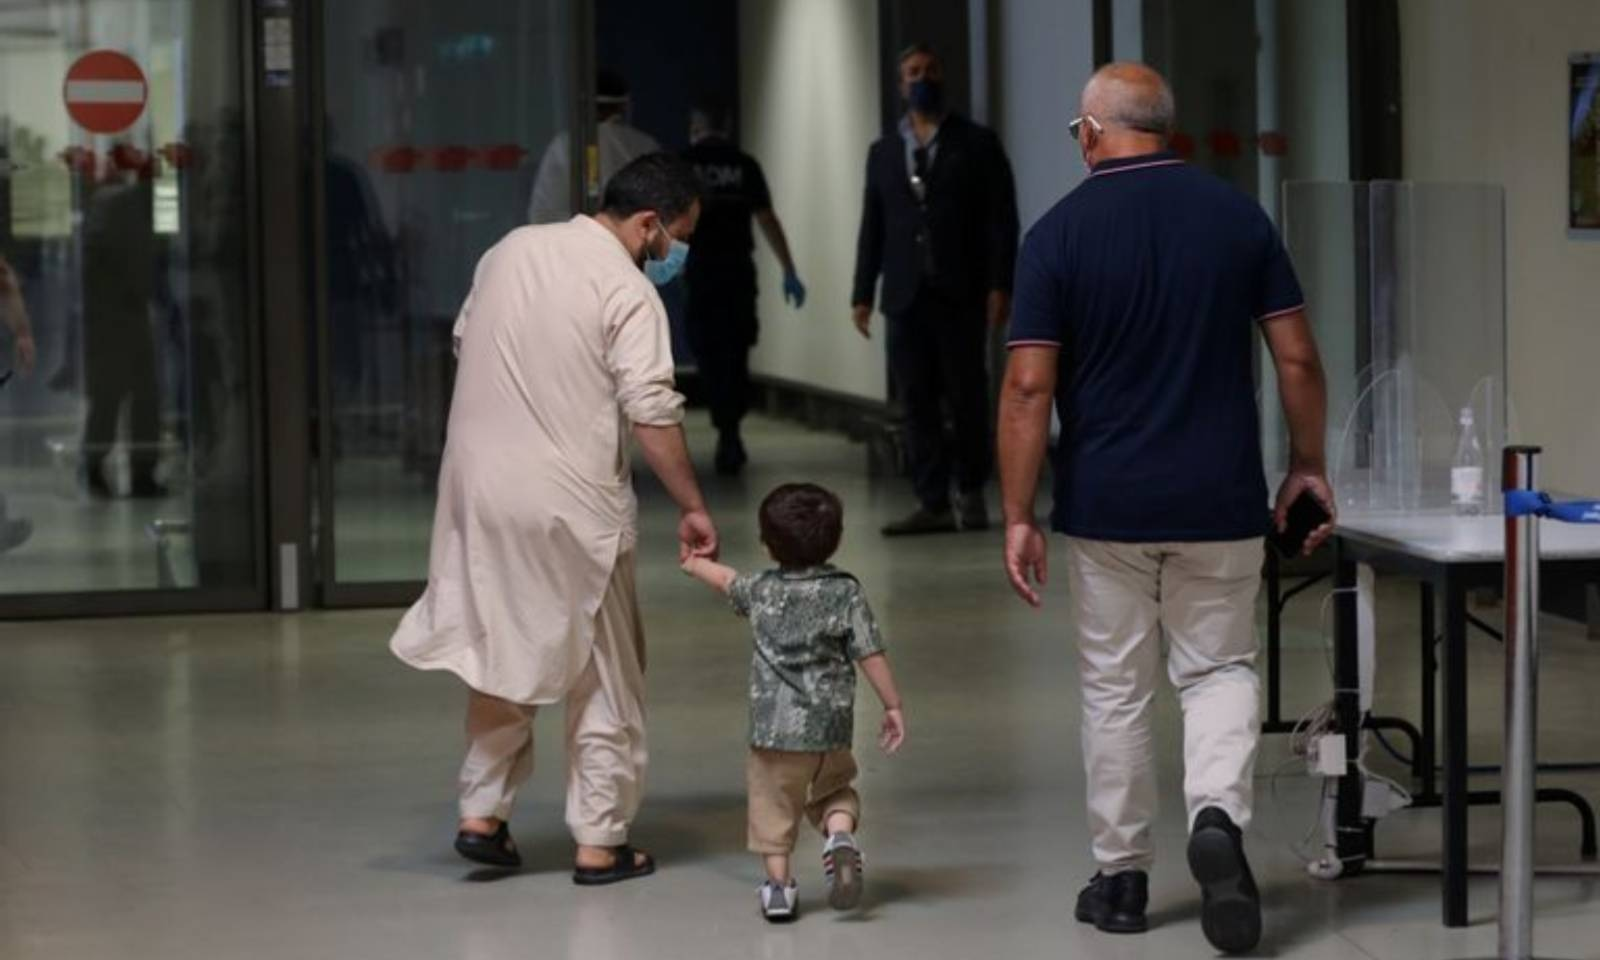 افغانستان سے آنے والے افراد روم کے ایئرپورٹ پر موجود ہیں — فوٹو: رائٹرز